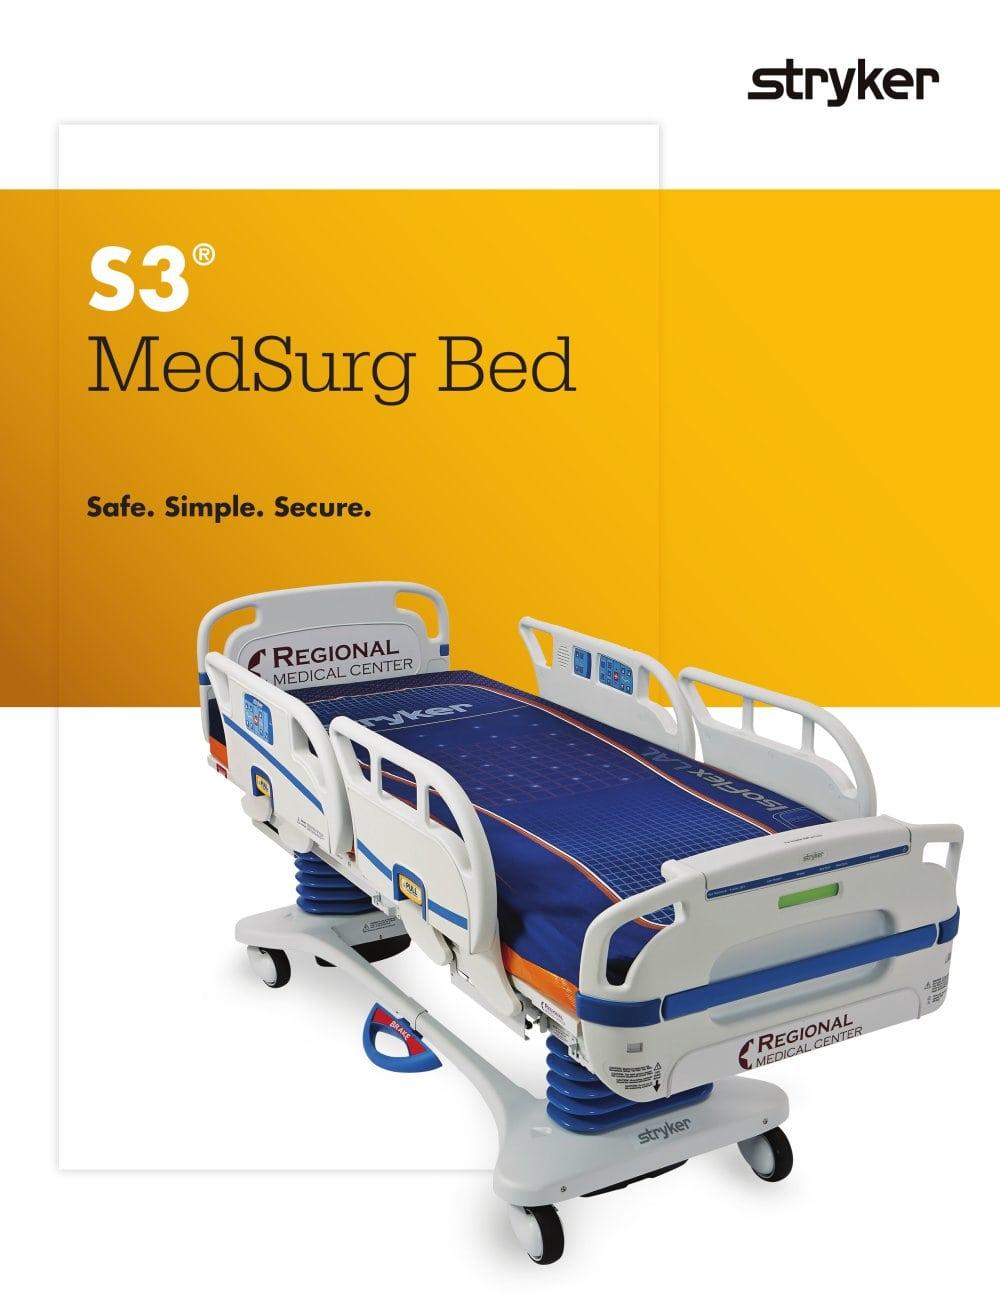 S3 MedSurg Bed - 1 / 8 Pages